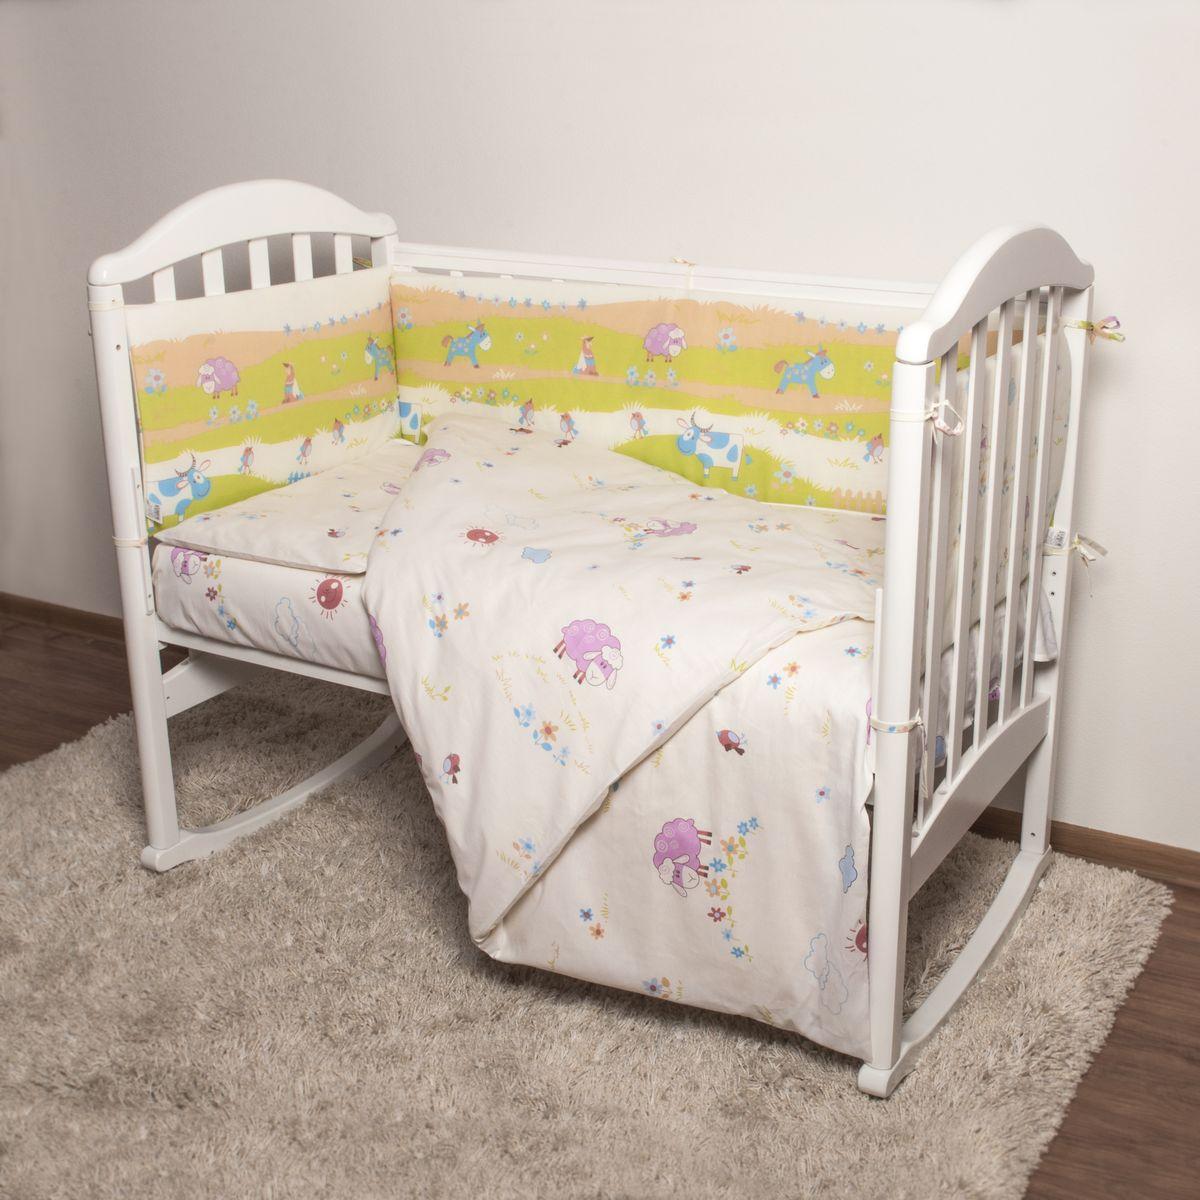 Baby Nice Детский комплект в кроватку Ферма (КПБ, бязь, наволочка 40х60), цвет: желтый00000004379Комплект в кроватку Baby Nice Ферма для самых маленьких изготовлен только из самой качественной ткани, самой безопасной и гигиеничной, самой экологичной и гипоаллергенной. Отлично подходит для кроваток малышей, которые часто двигаются во сне. Хлопковое волокно прекрасно переносит стирку, быстро сохнет и не требует особого ухода, не линяет и не вытягивается. Ткань прошла специальную обработку по умягчению, что сделало ее невероятно мягкой и приятной к телу. Комплект создаст дополнительный комфорт и уют ребенку. Родителям не составит особого труда ухаживать за комплектом. Он превосходно стирается, легко гладится. Ваш малыш будет в восторге от такого необыкновенного постельного набора! В комплект входит: одеяло, пододеяльник, подушка, наволочка, простыня, борт.